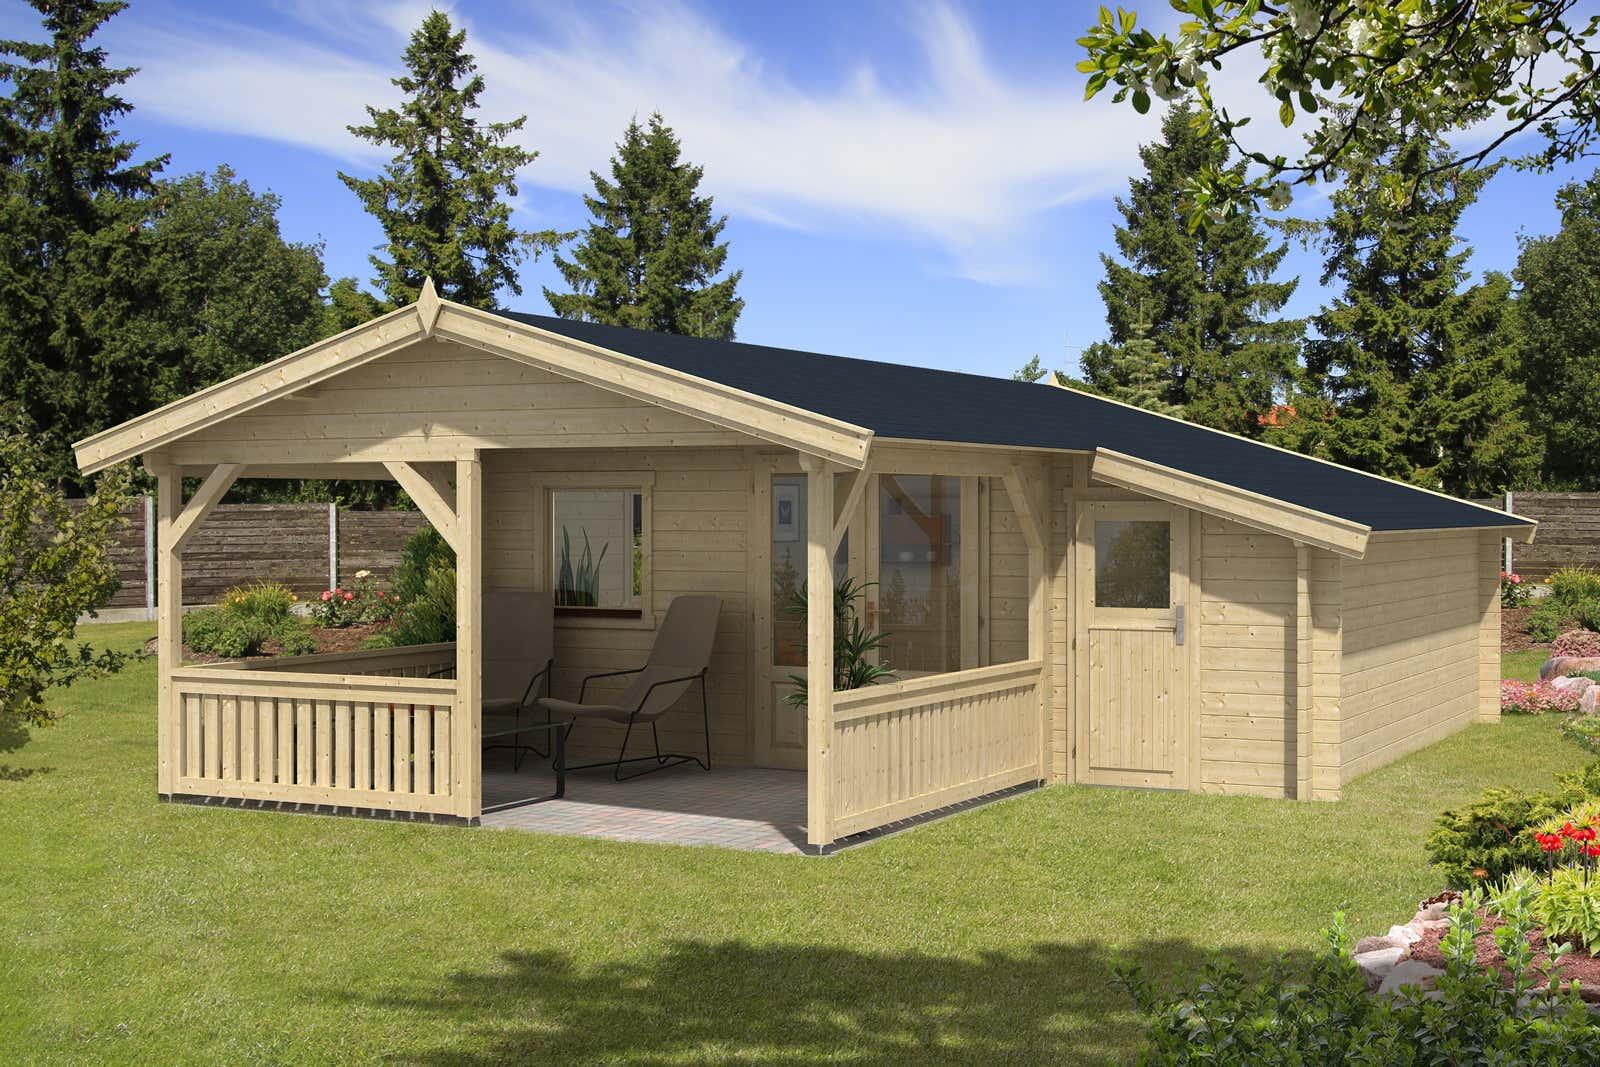 gartenhaus flex 50 c mit 300cm terrasse anbau 4x4 3z a z gartenhaus gmbh. Black Bedroom Furniture Sets. Home Design Ideas